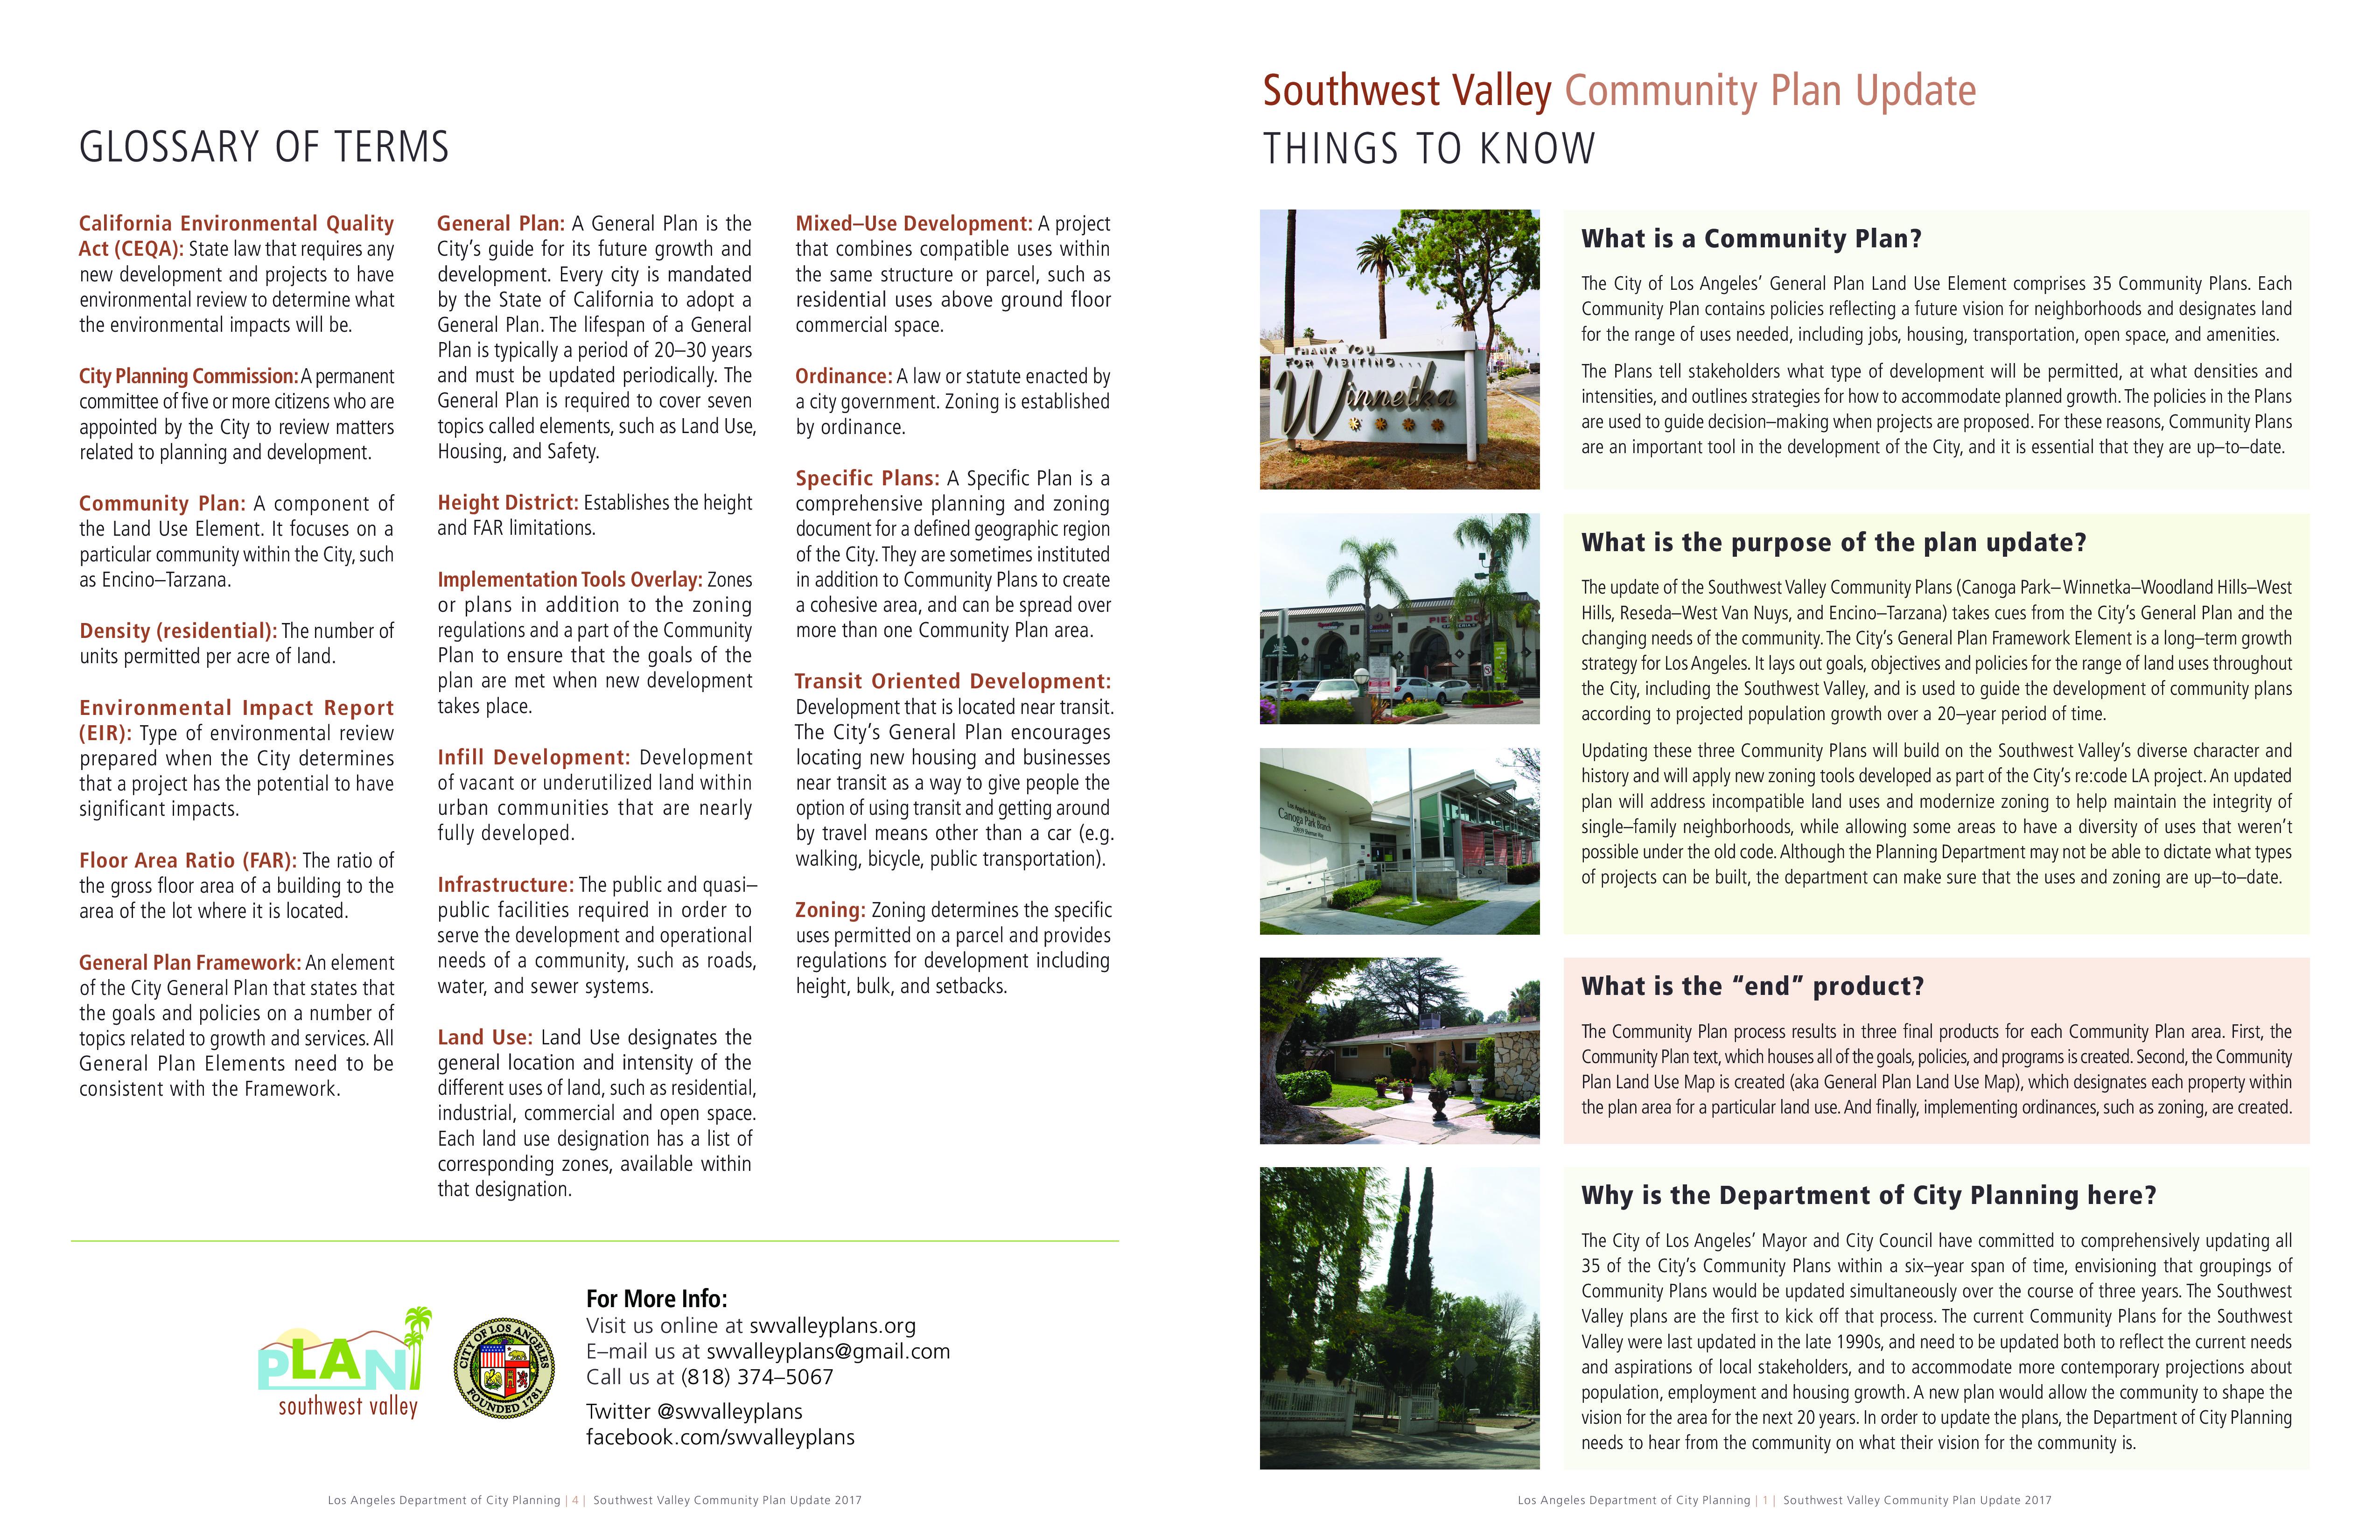 Brochure_CPupdatesBkground-page-0.jpg